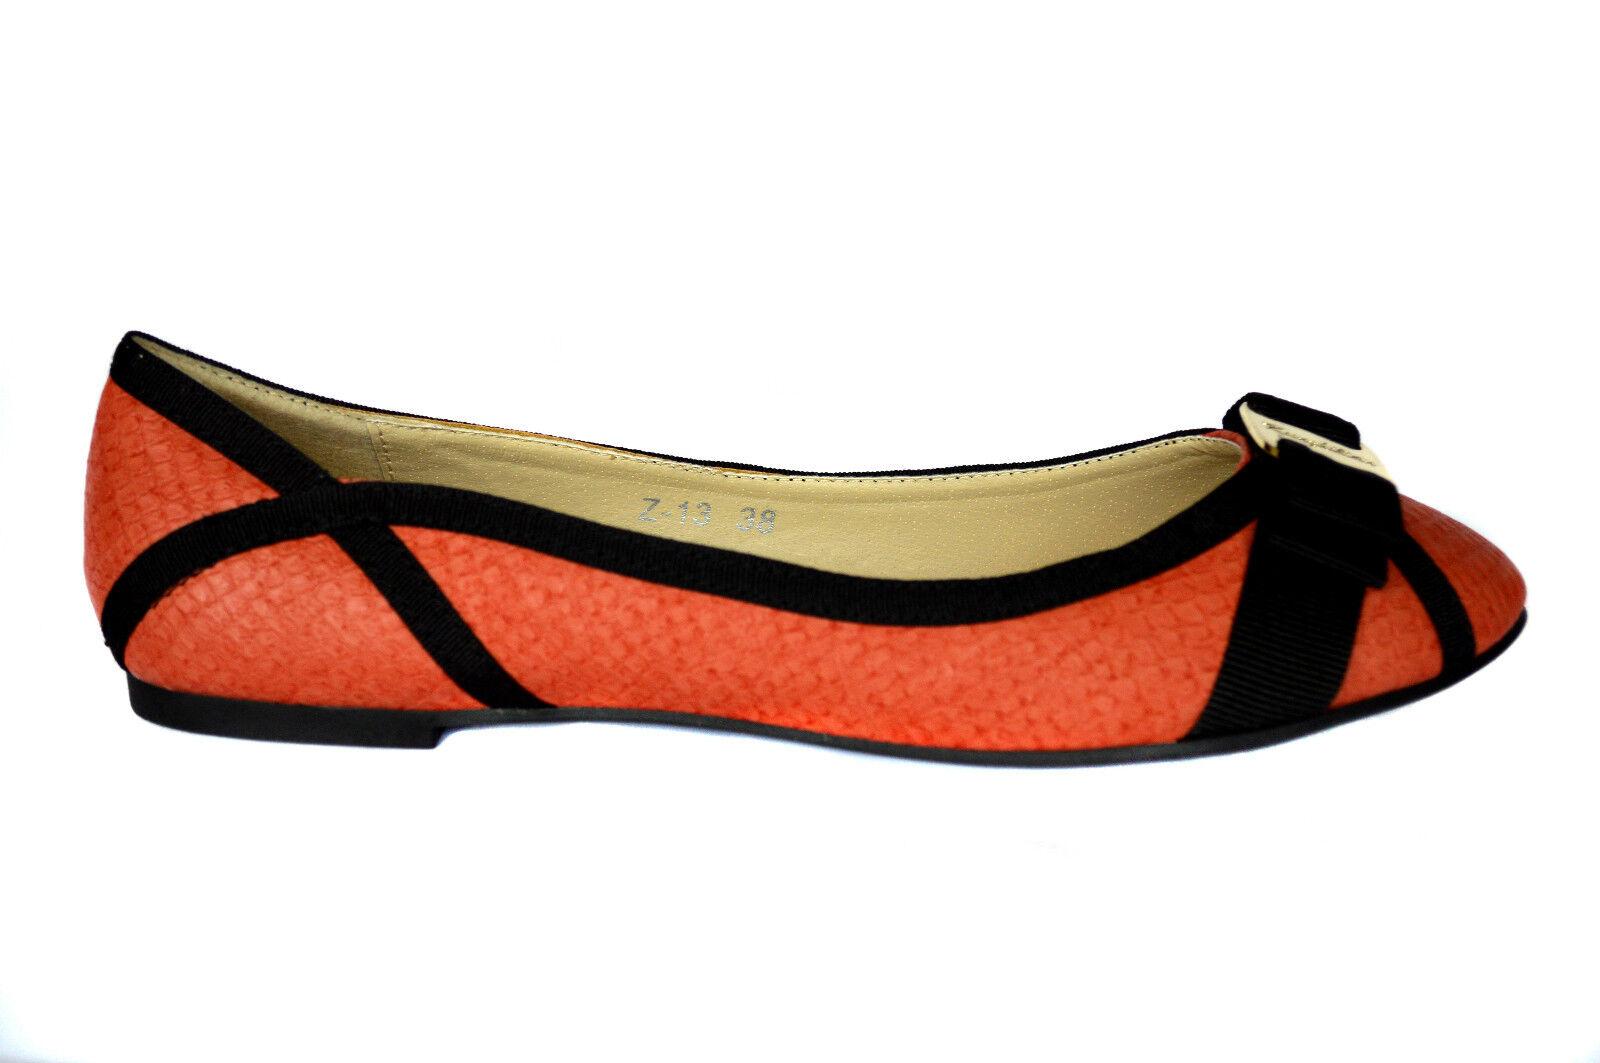 Nuevo Elegante Bailarinas Señoras Estilo  Zapatos  Bajos Estilo Señoras Pantuflas Efecto Cuero 3f6331